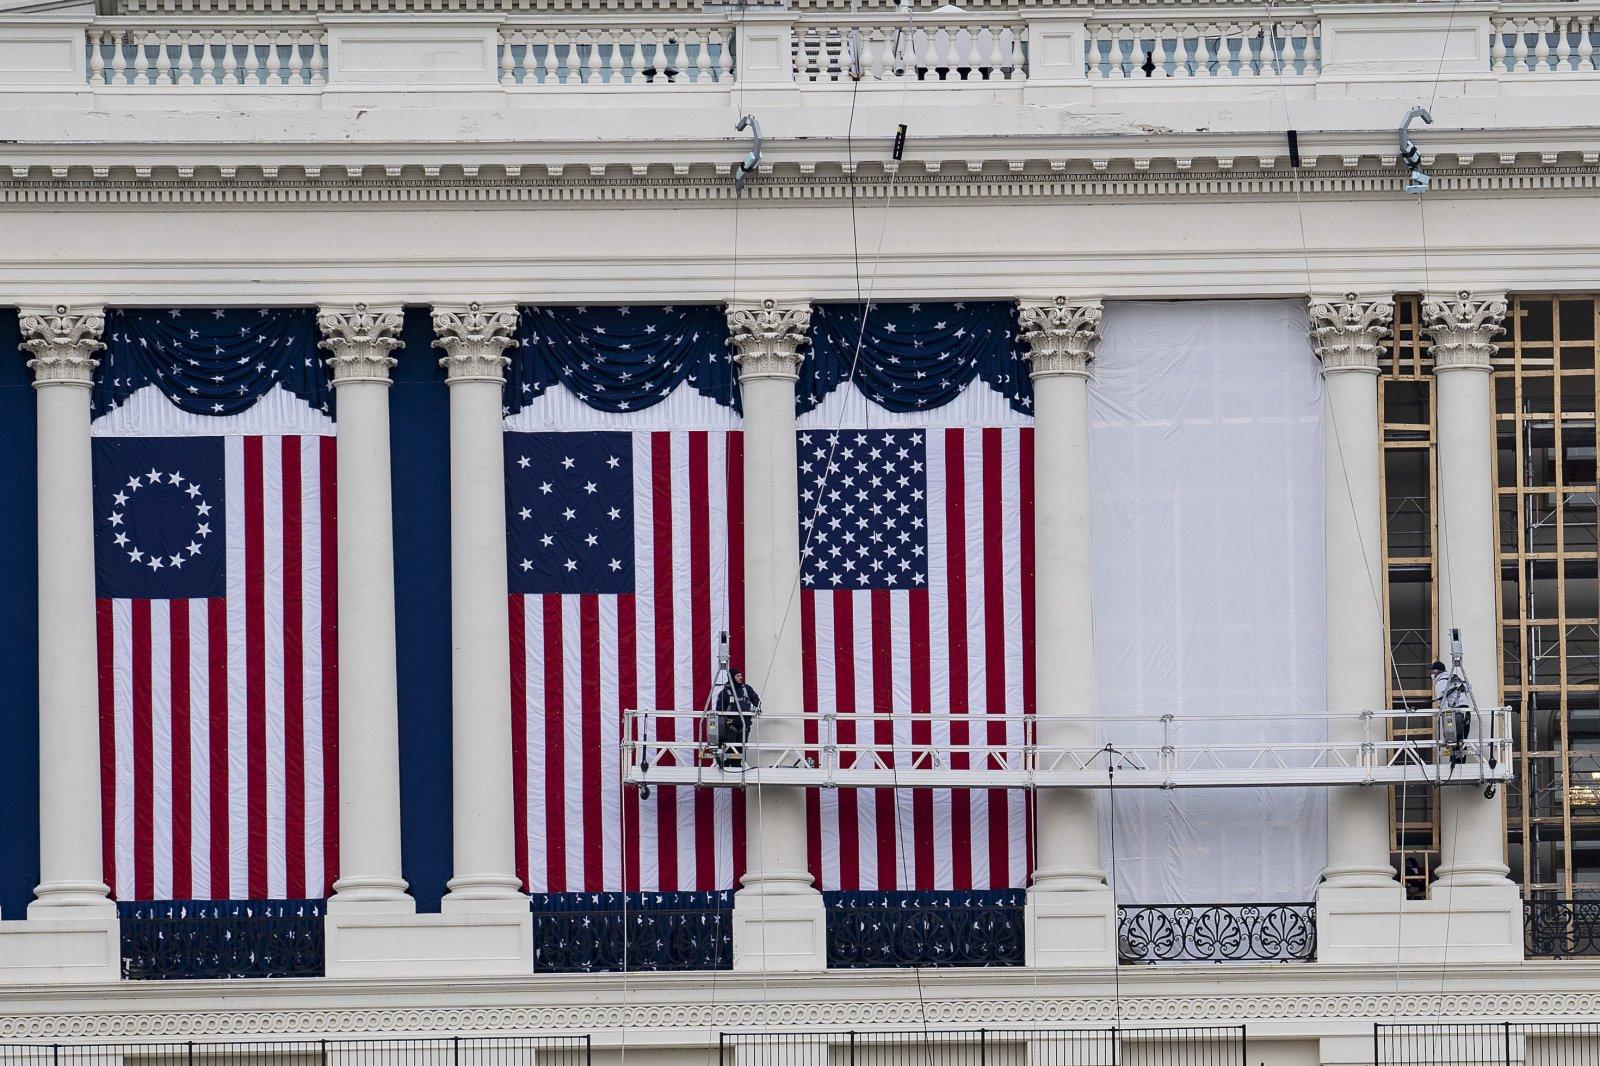 1月11日,在美國首都華盛頓,工作人員在國會大廈外懸挂旗幟,為下屆總統的就職典禮做準備。(新華社)